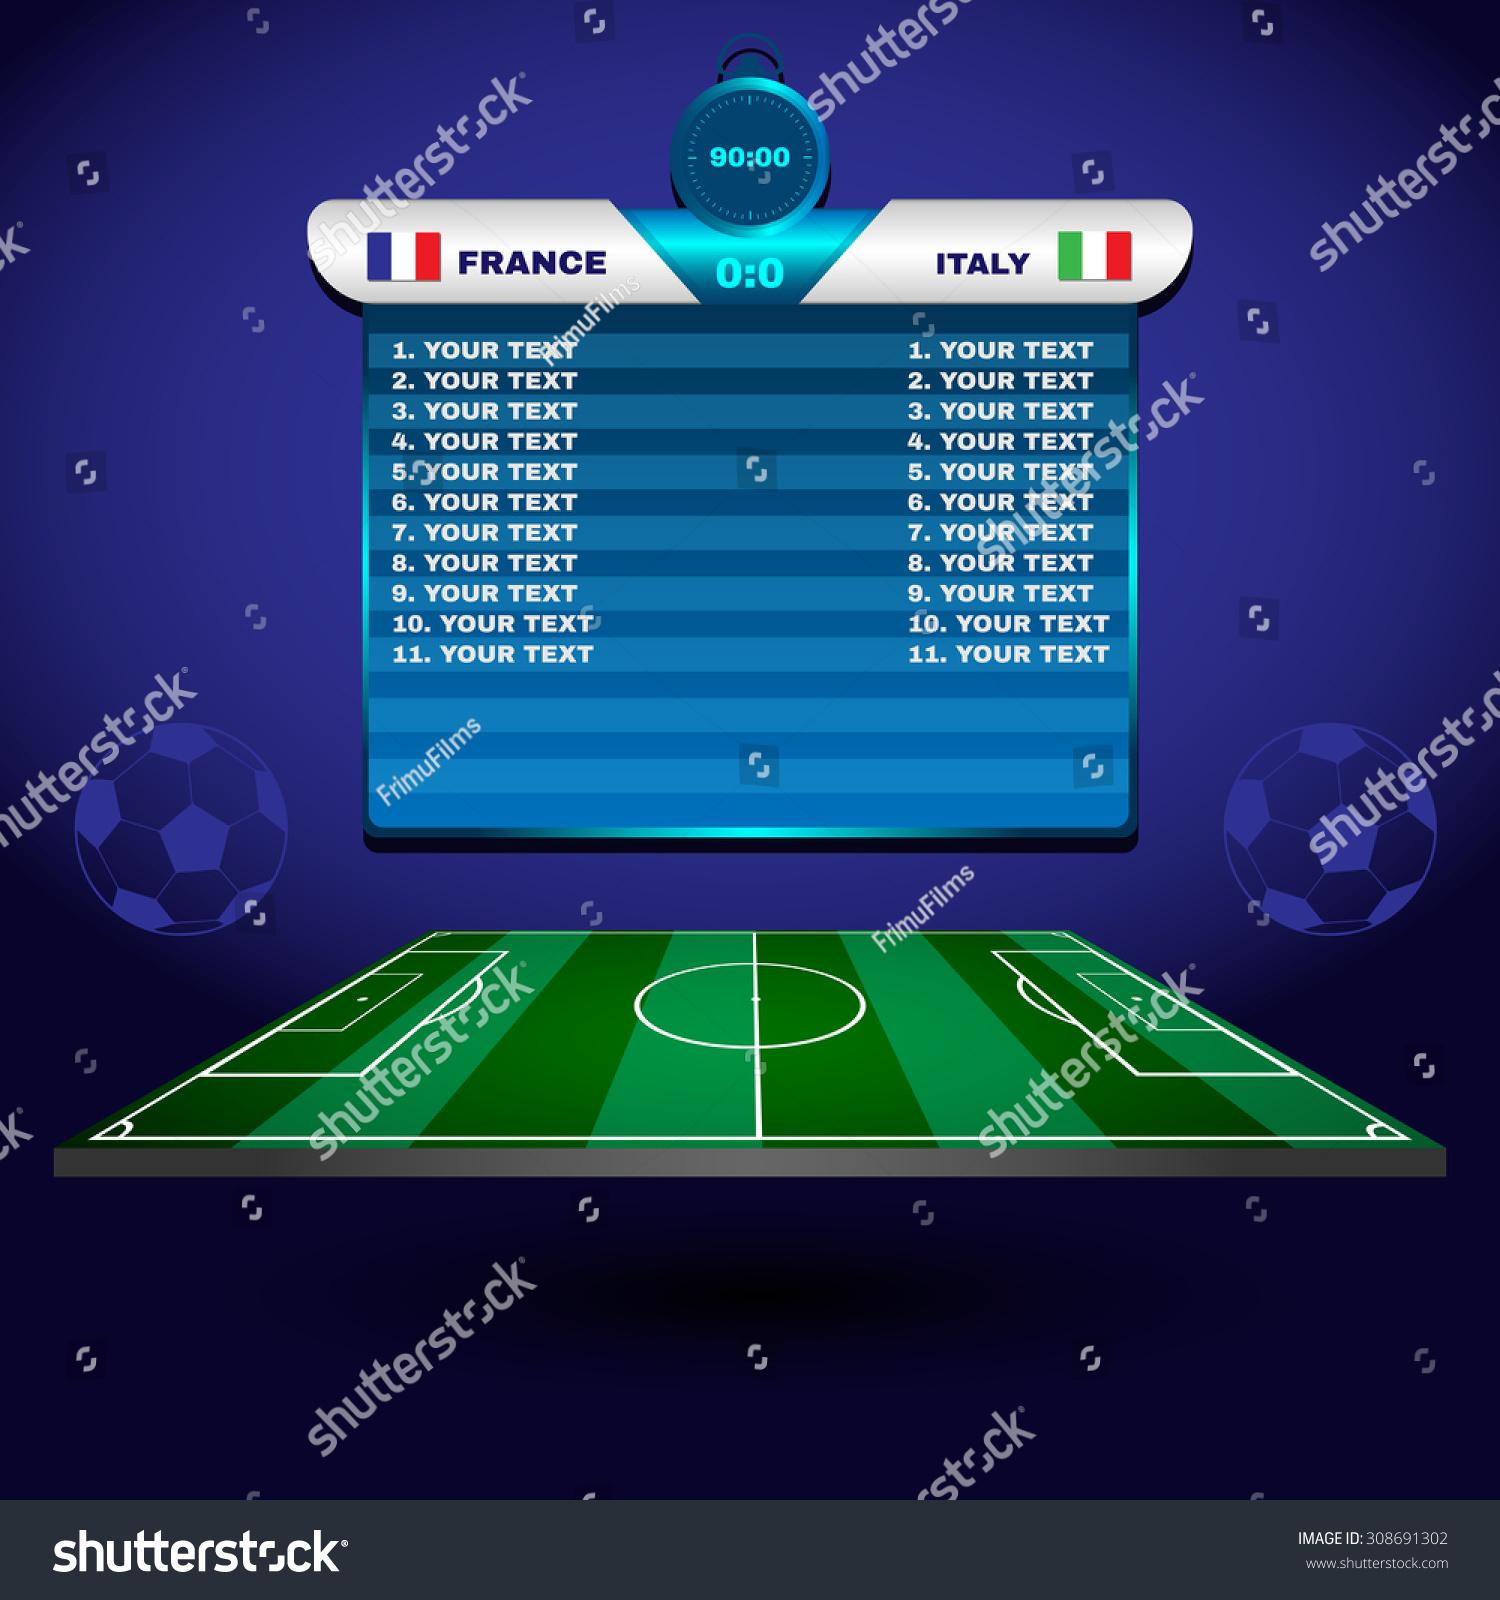 gratis melding live football match